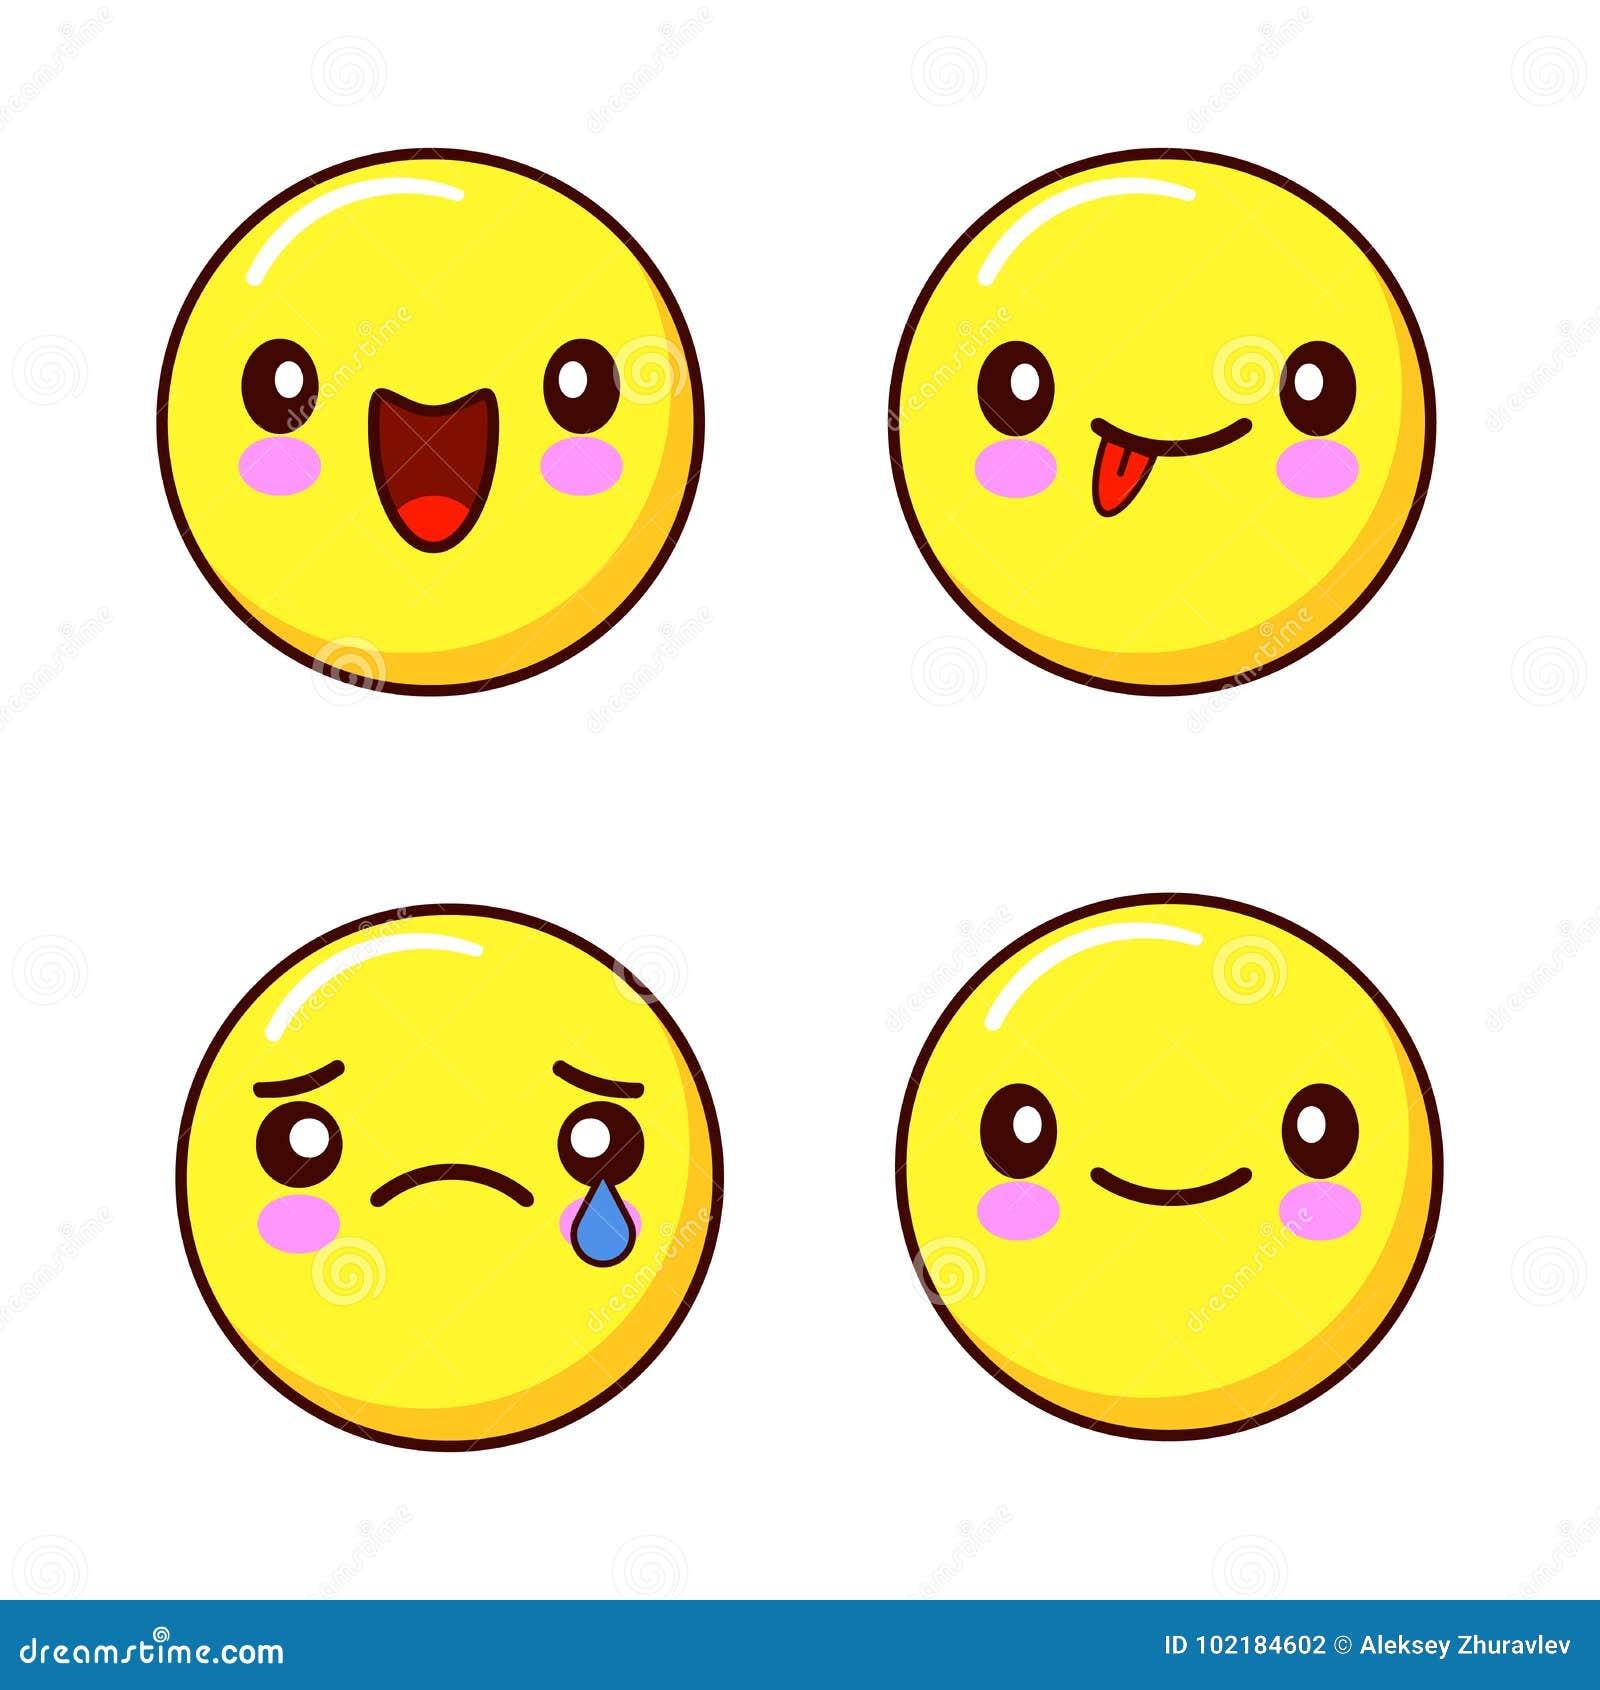 Reeks de pictogrammen van het smileygezicht of gele emoticons met verschillende gelaatsuitdrukkingen die ik op witte achtergrond